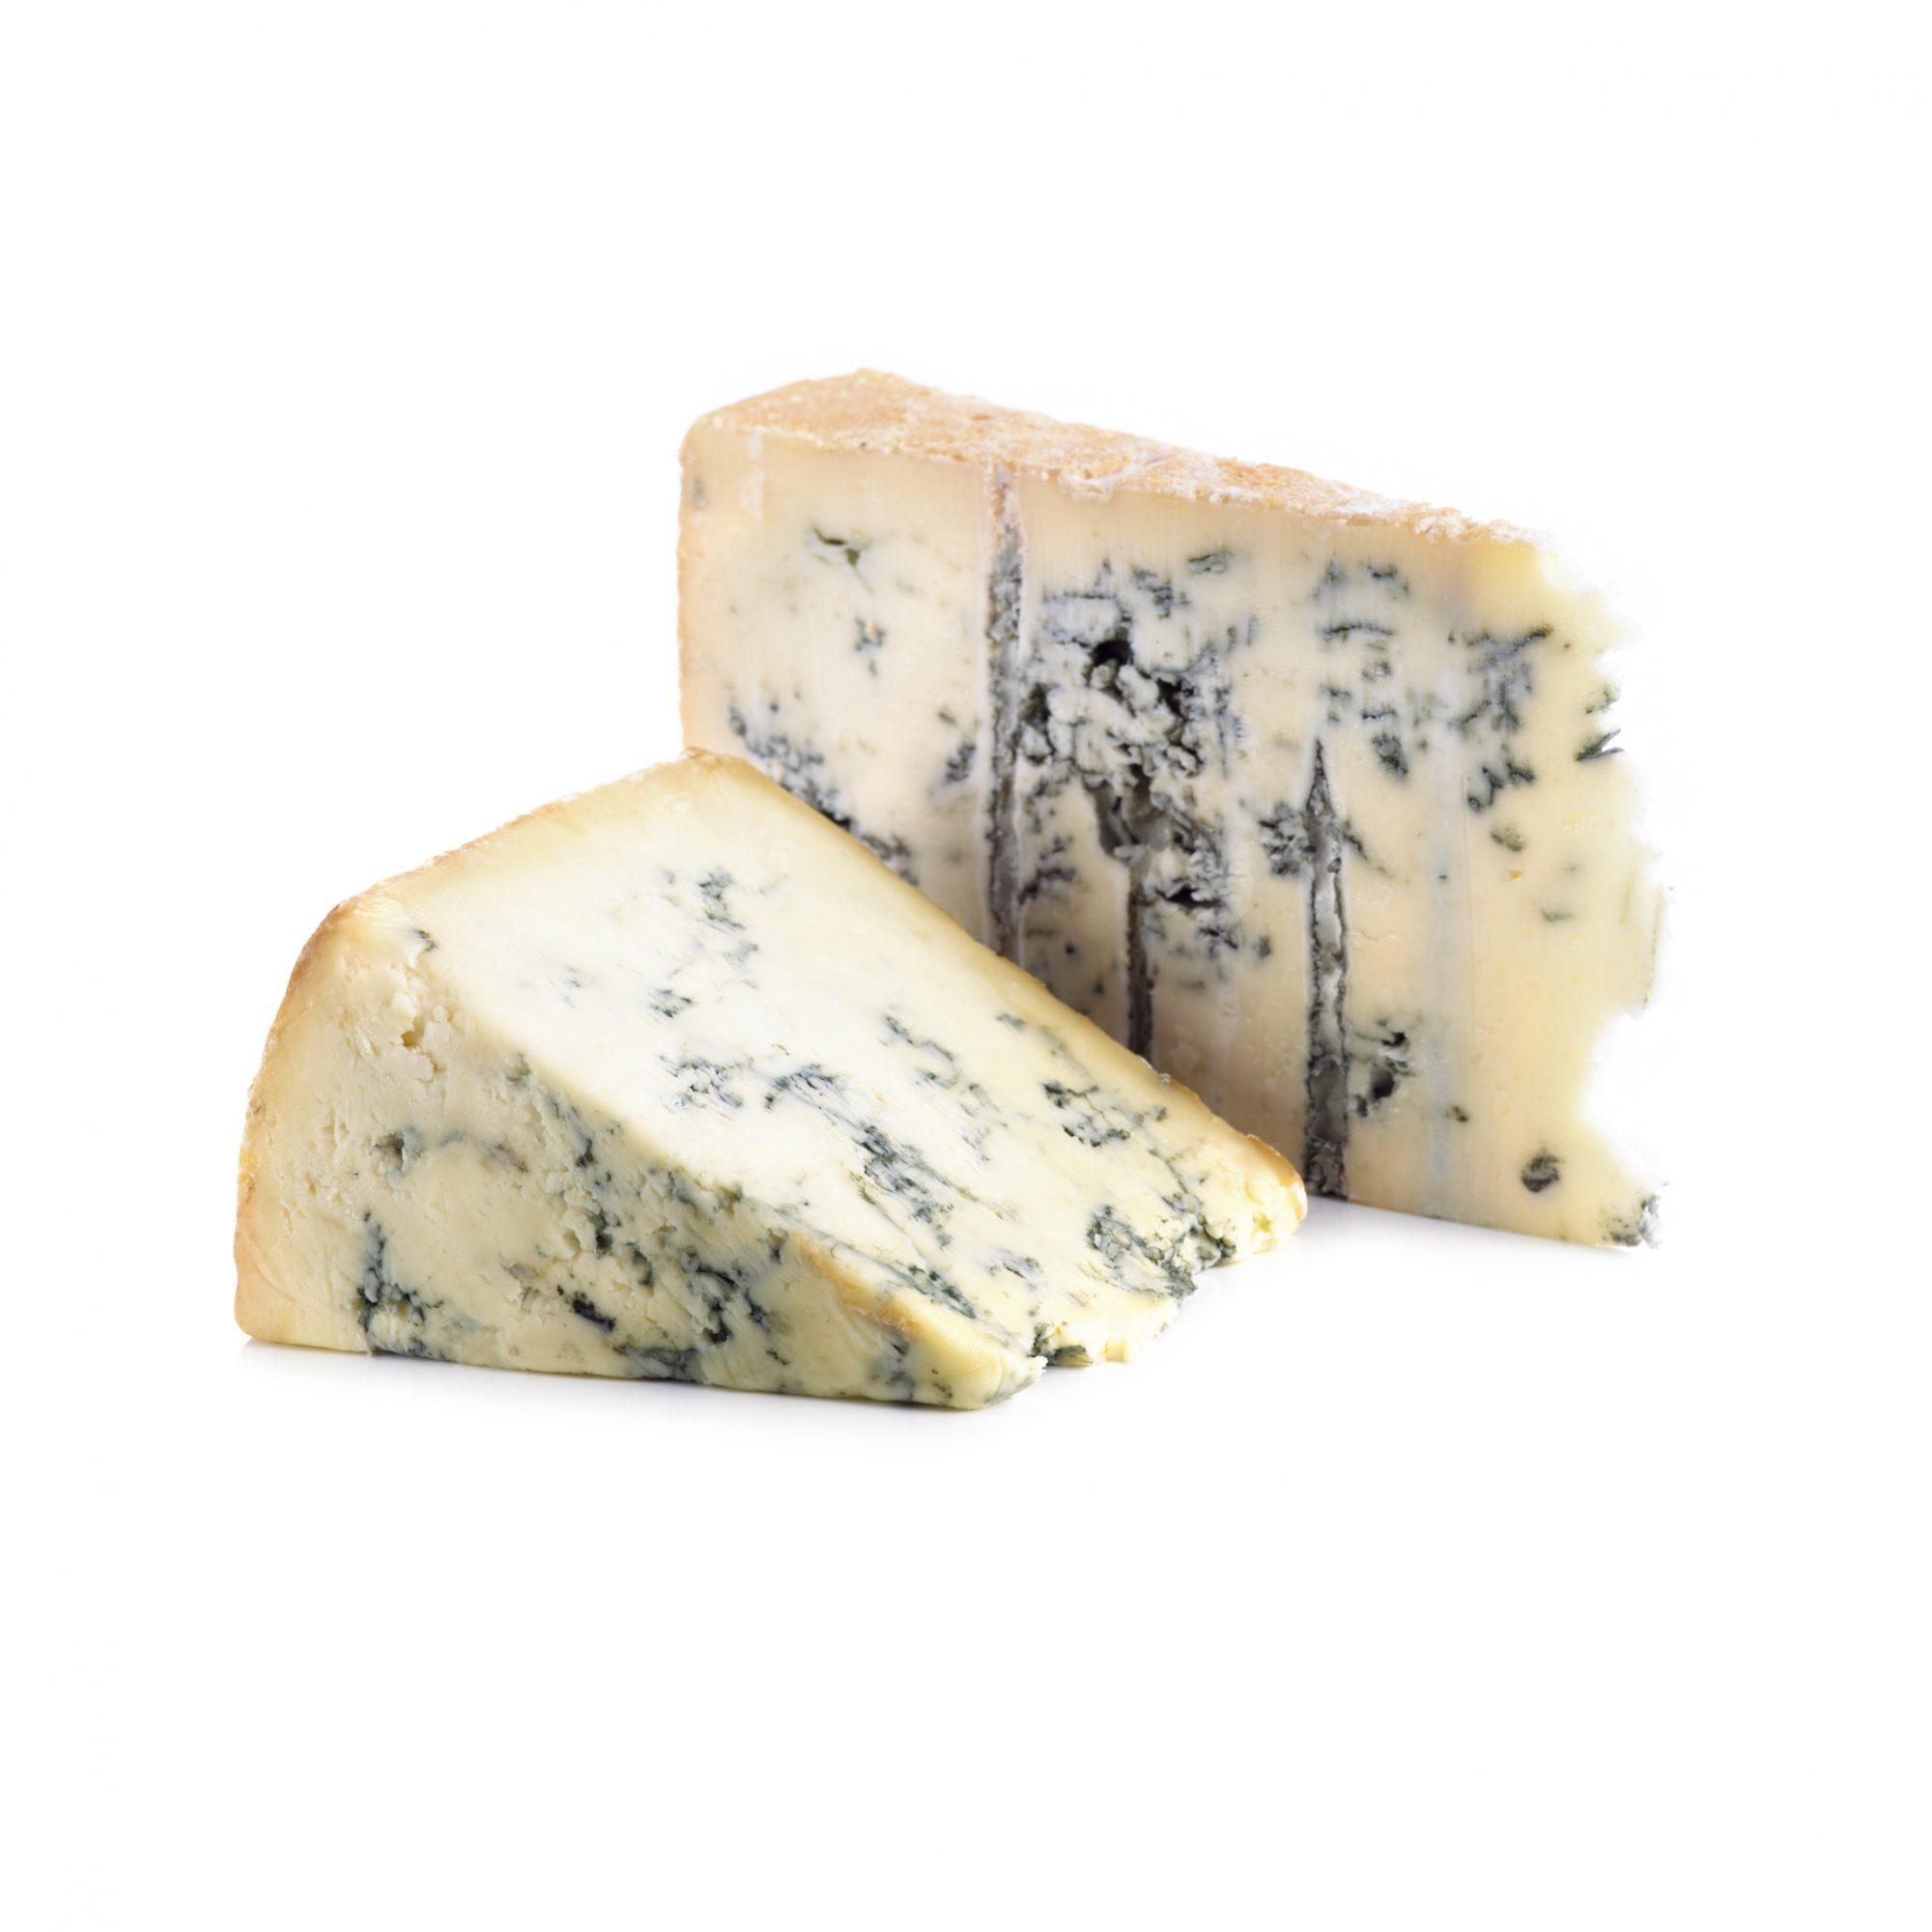 <p>Blue cheese.</p>